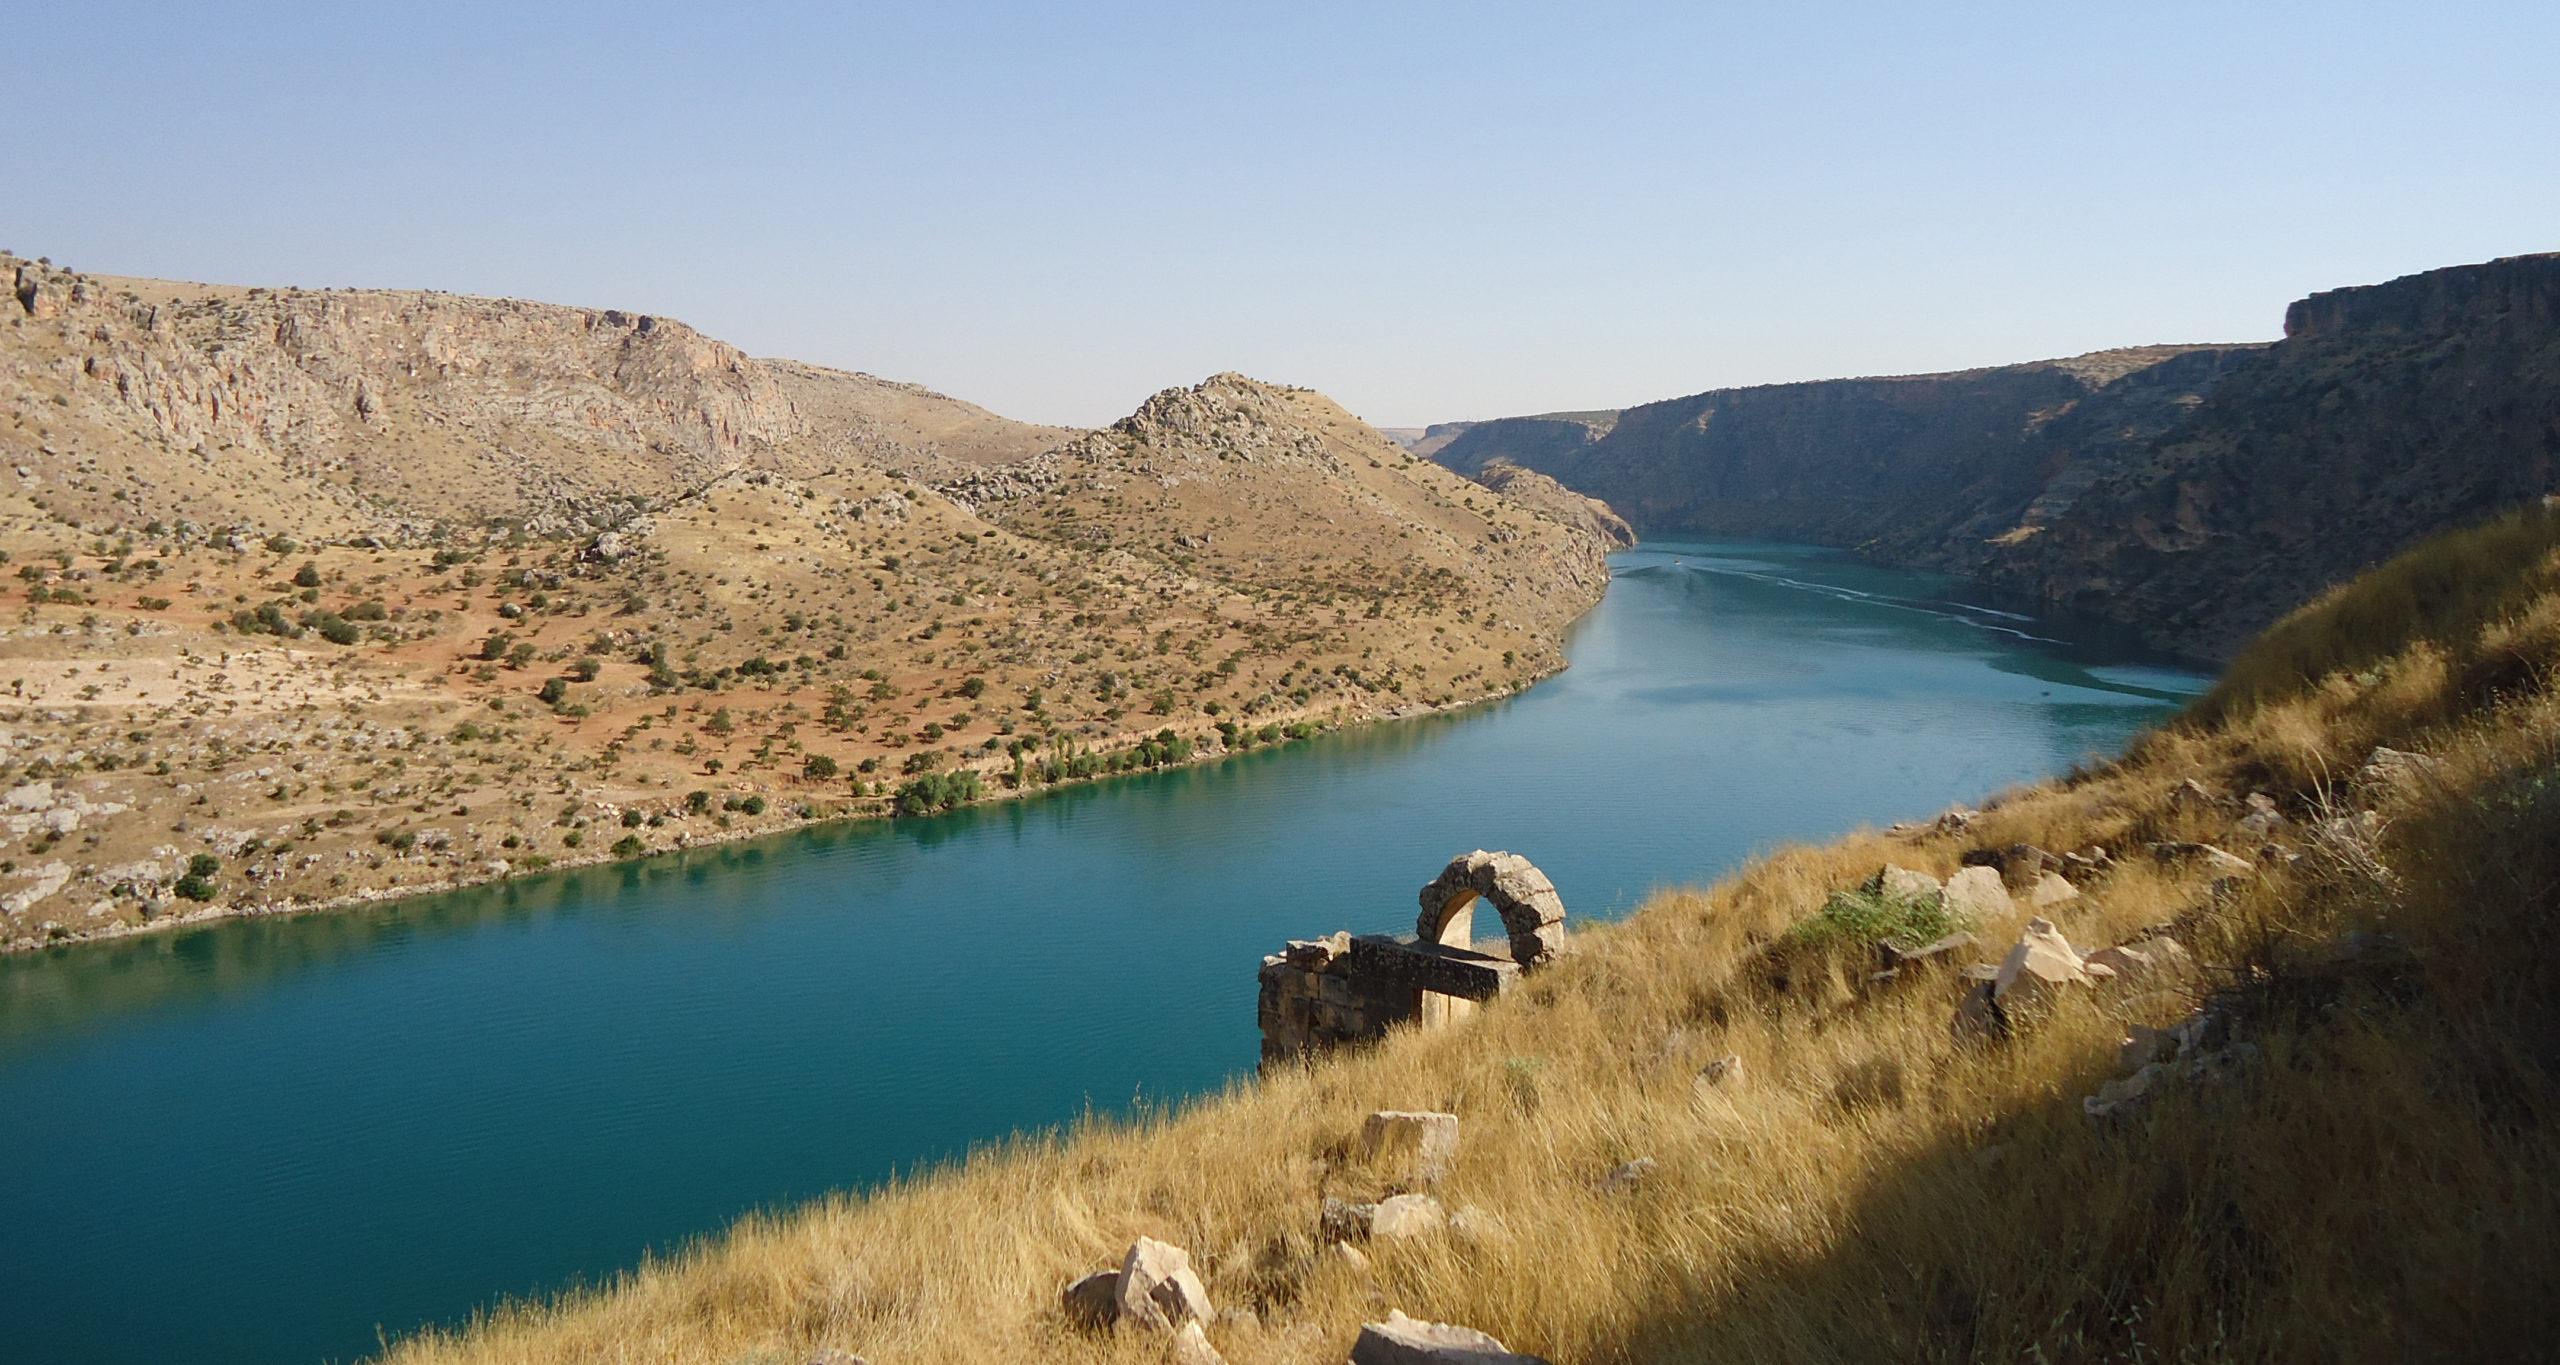 Náboženství voblasti řeky Eufrat – pobiblickém veletoku časem aprostorem I.